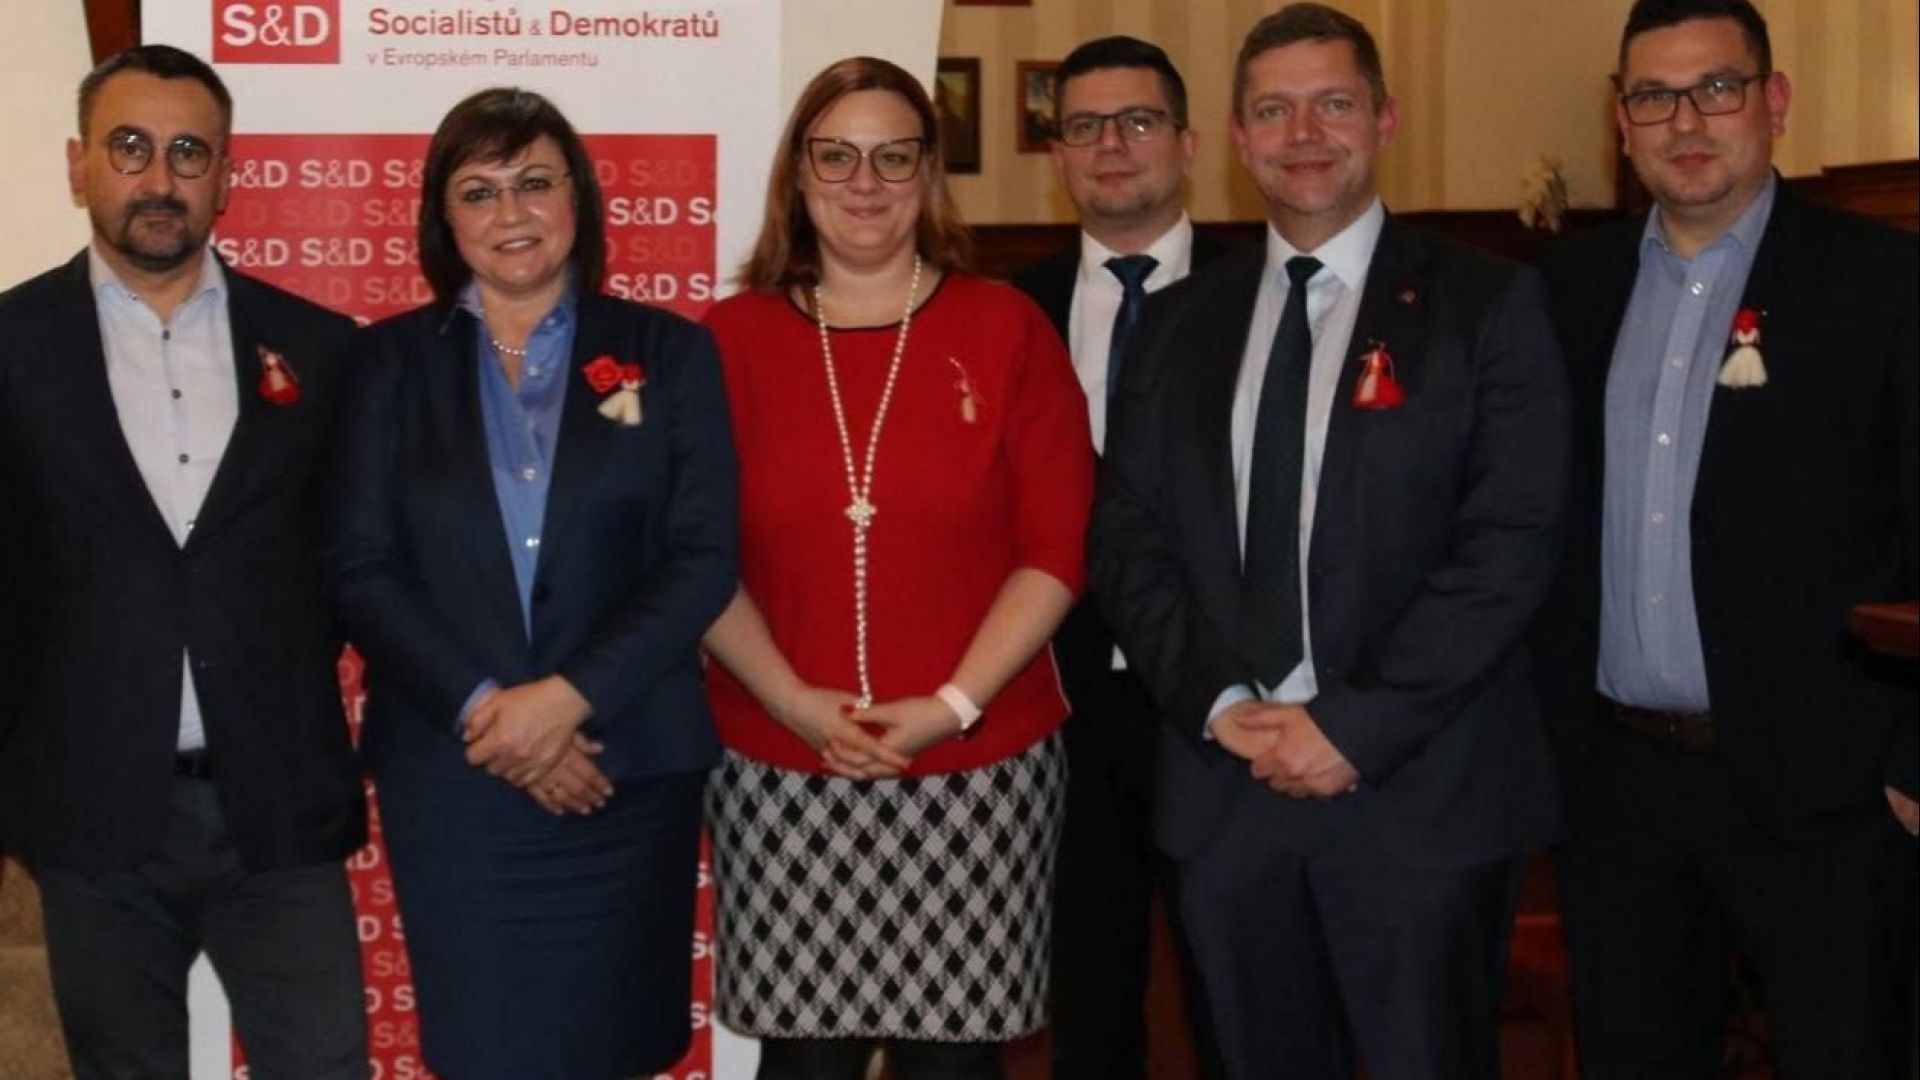 Корнелия Нинова се срещна в Чехия с лидери от Вишеградската четворка и Хърватия